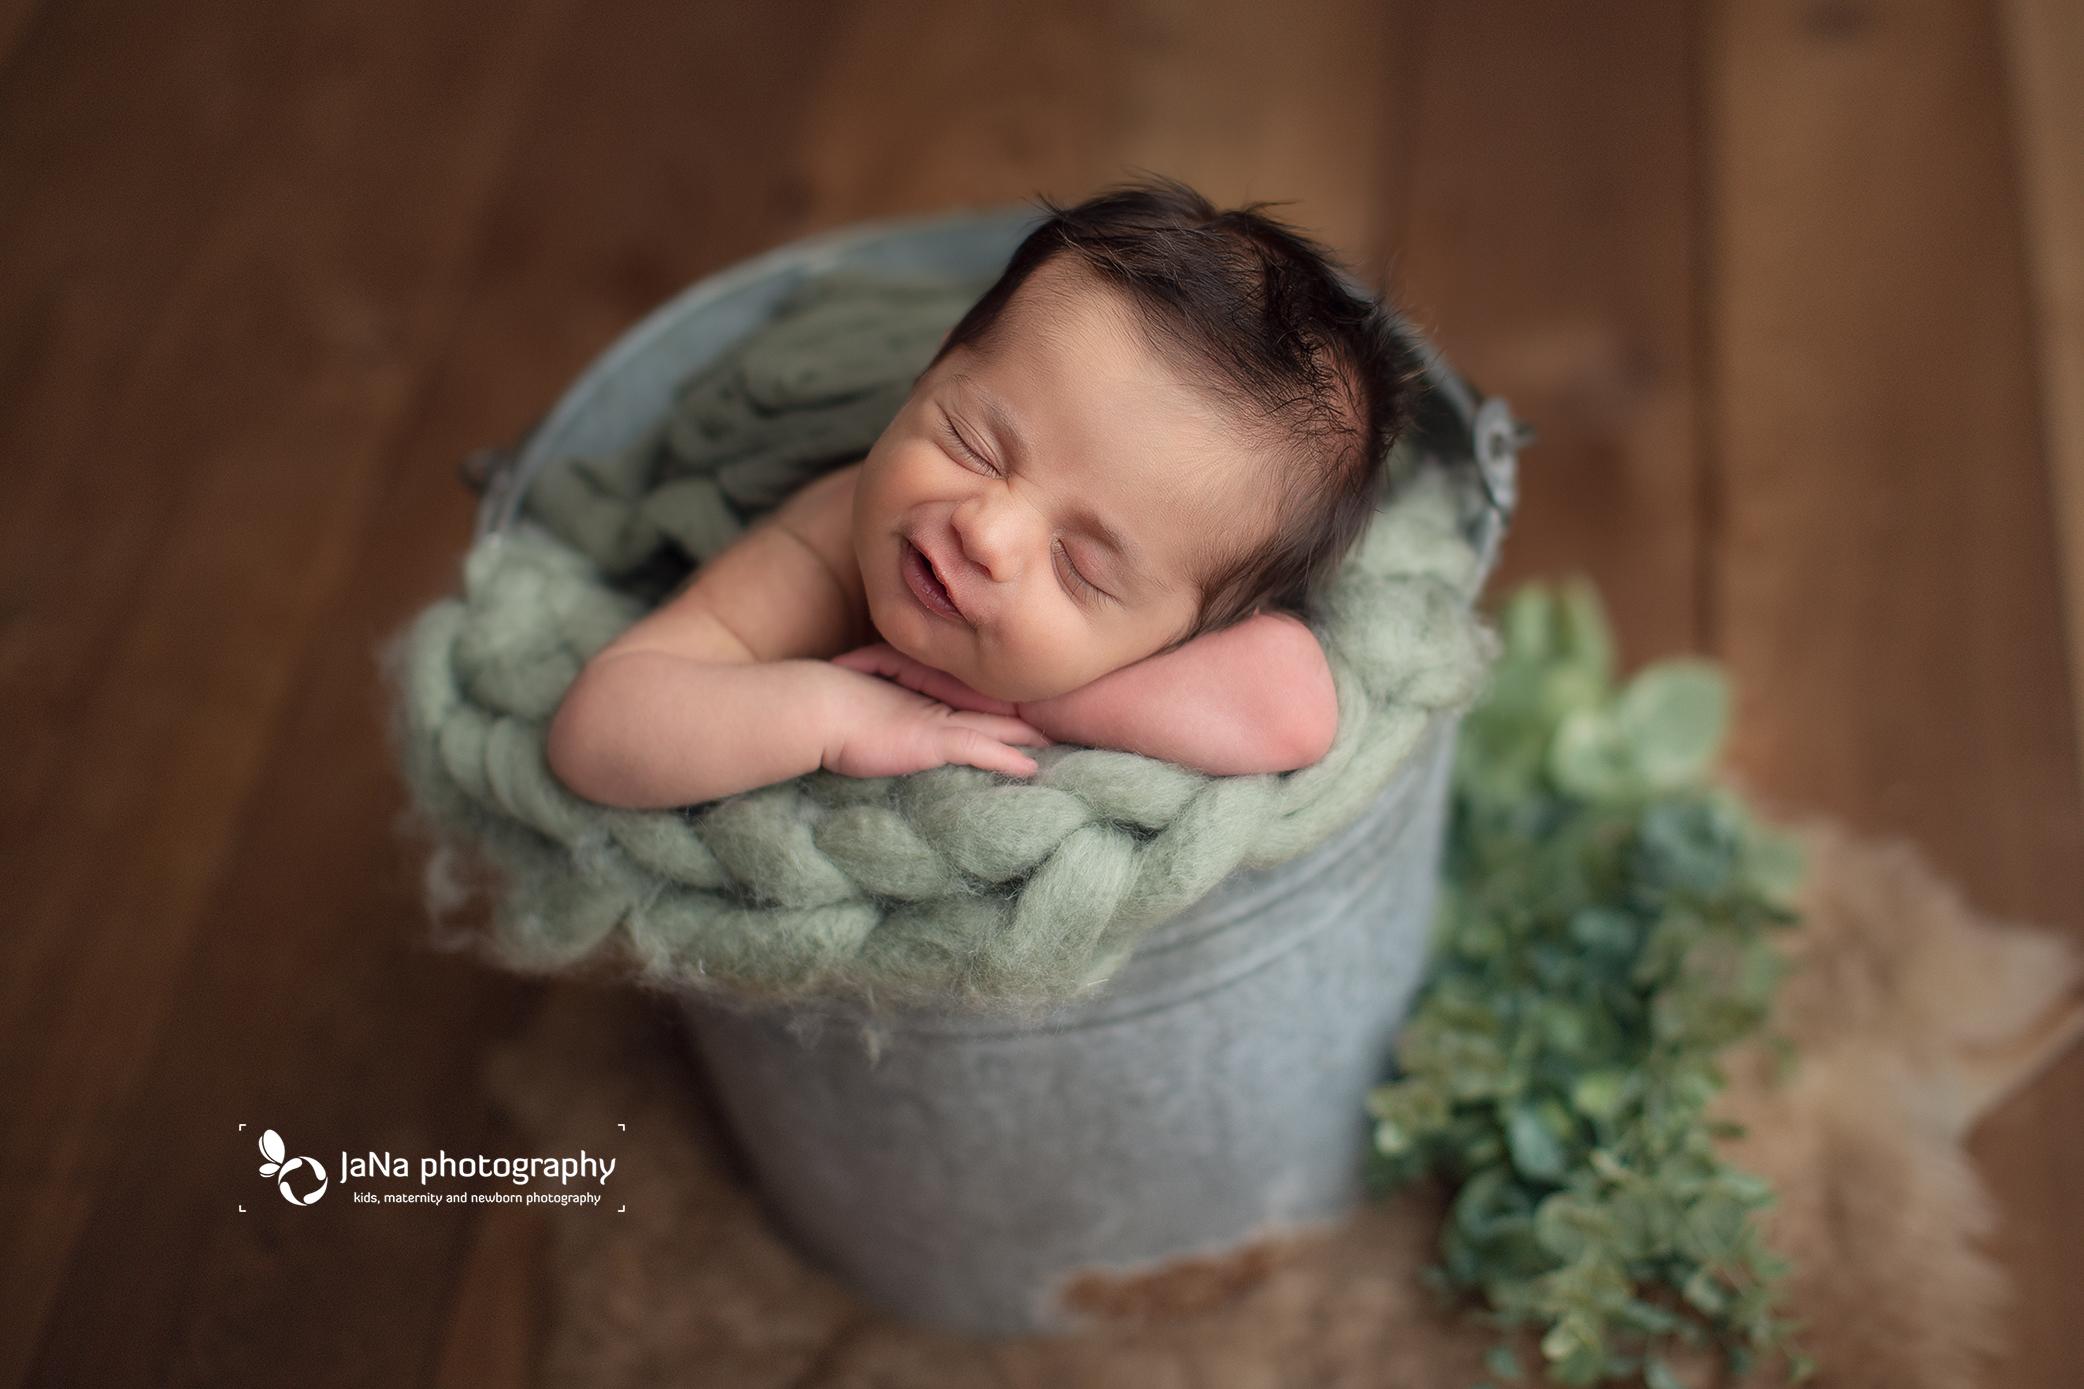 brown and green setup - big smile-jana photography